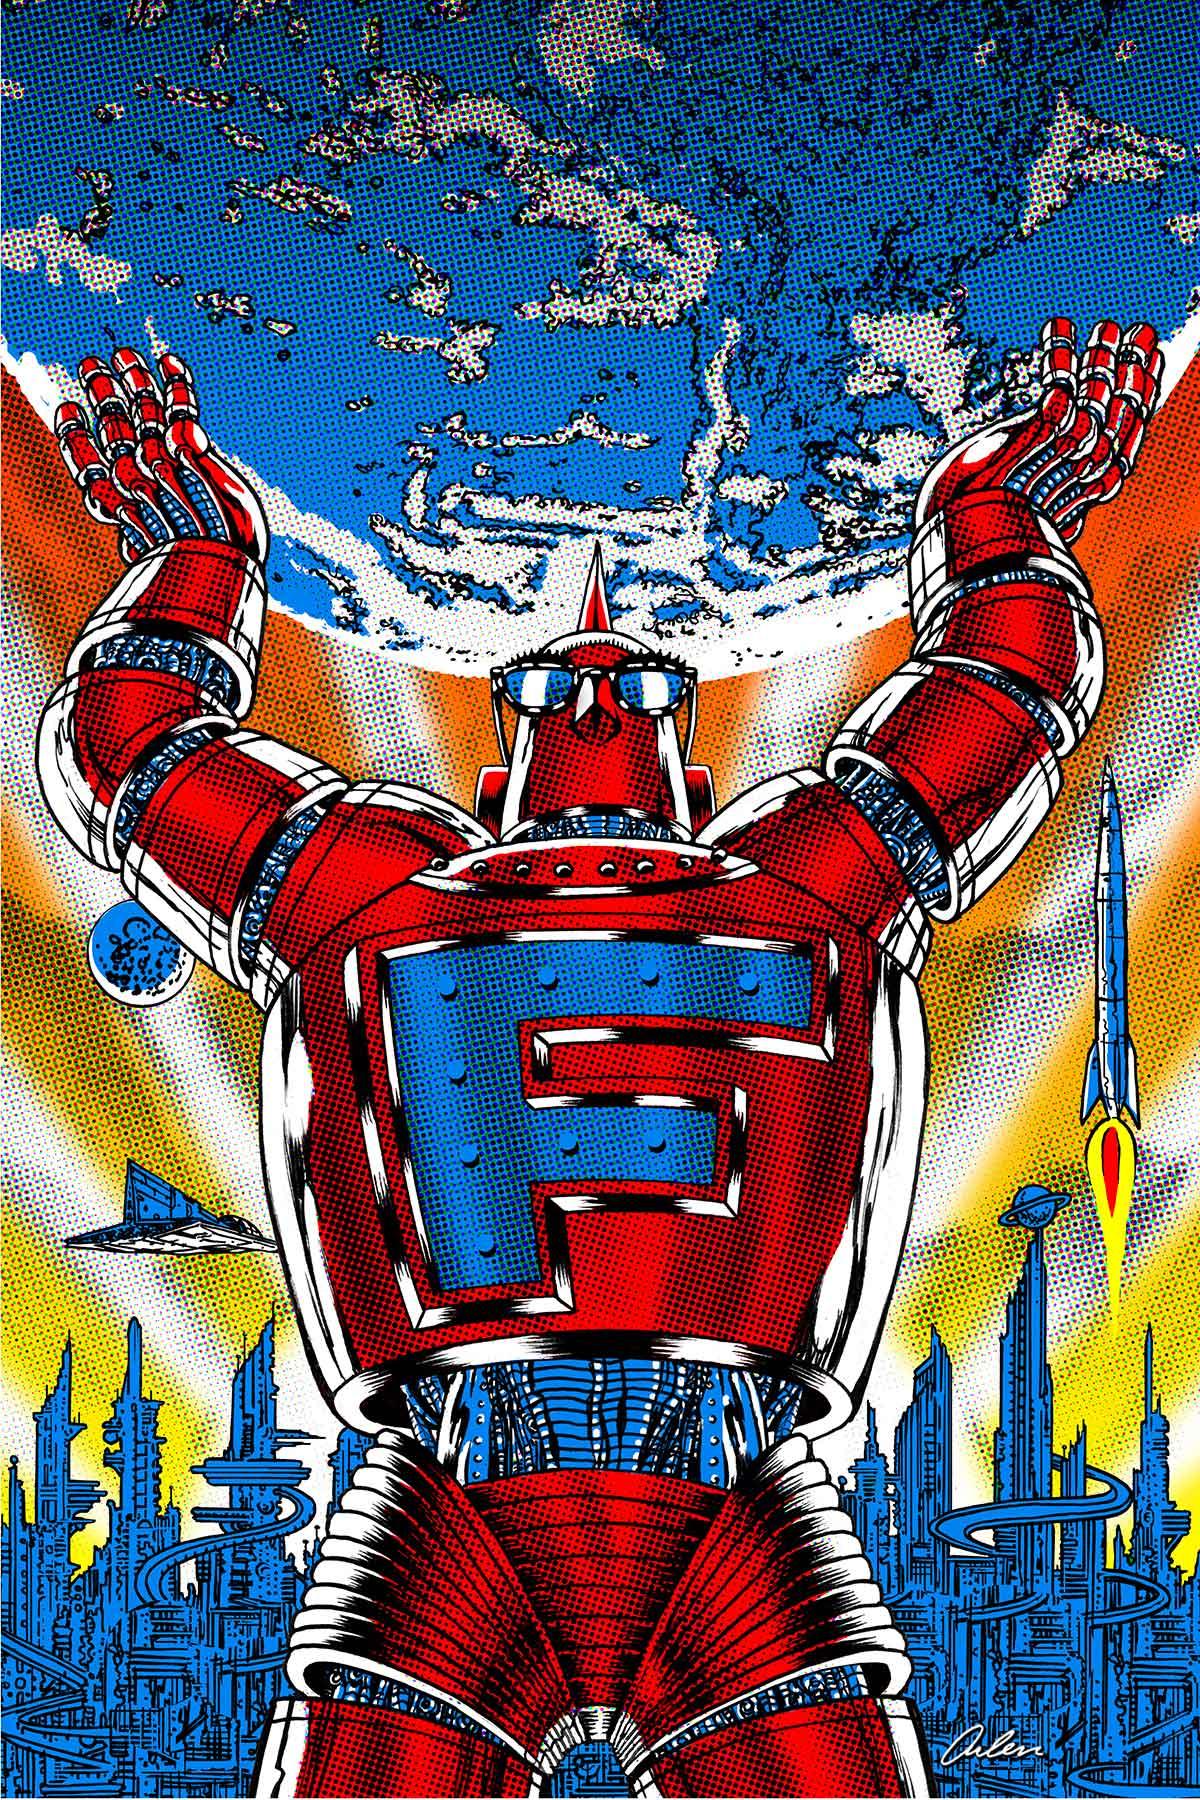 Arlen Schumer / Robot Poster / Fred Seibert